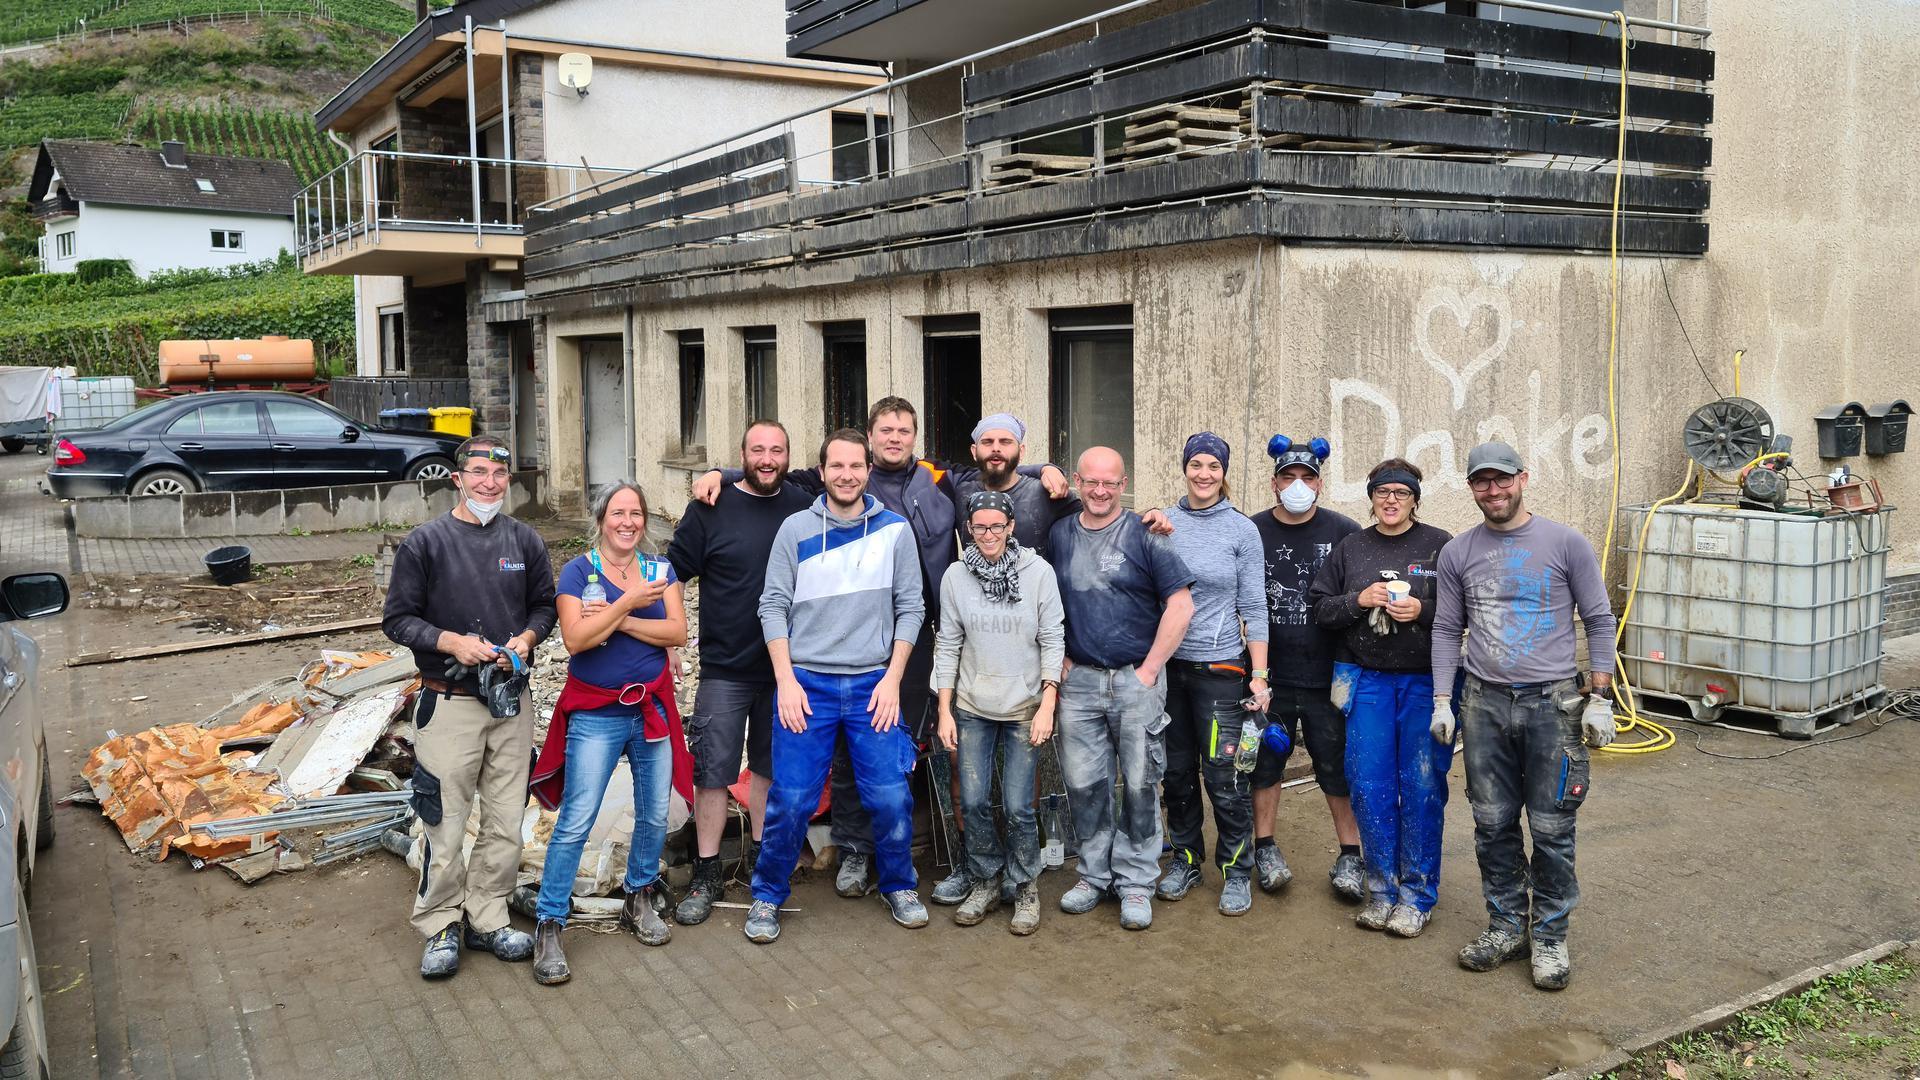 Zwölf Männer und Frauen in schmutziger Arbeitskleidung stehen vor einem dreckverschmierten Haus, auf das ein Herz und das Wort Danke gemalt wurden.